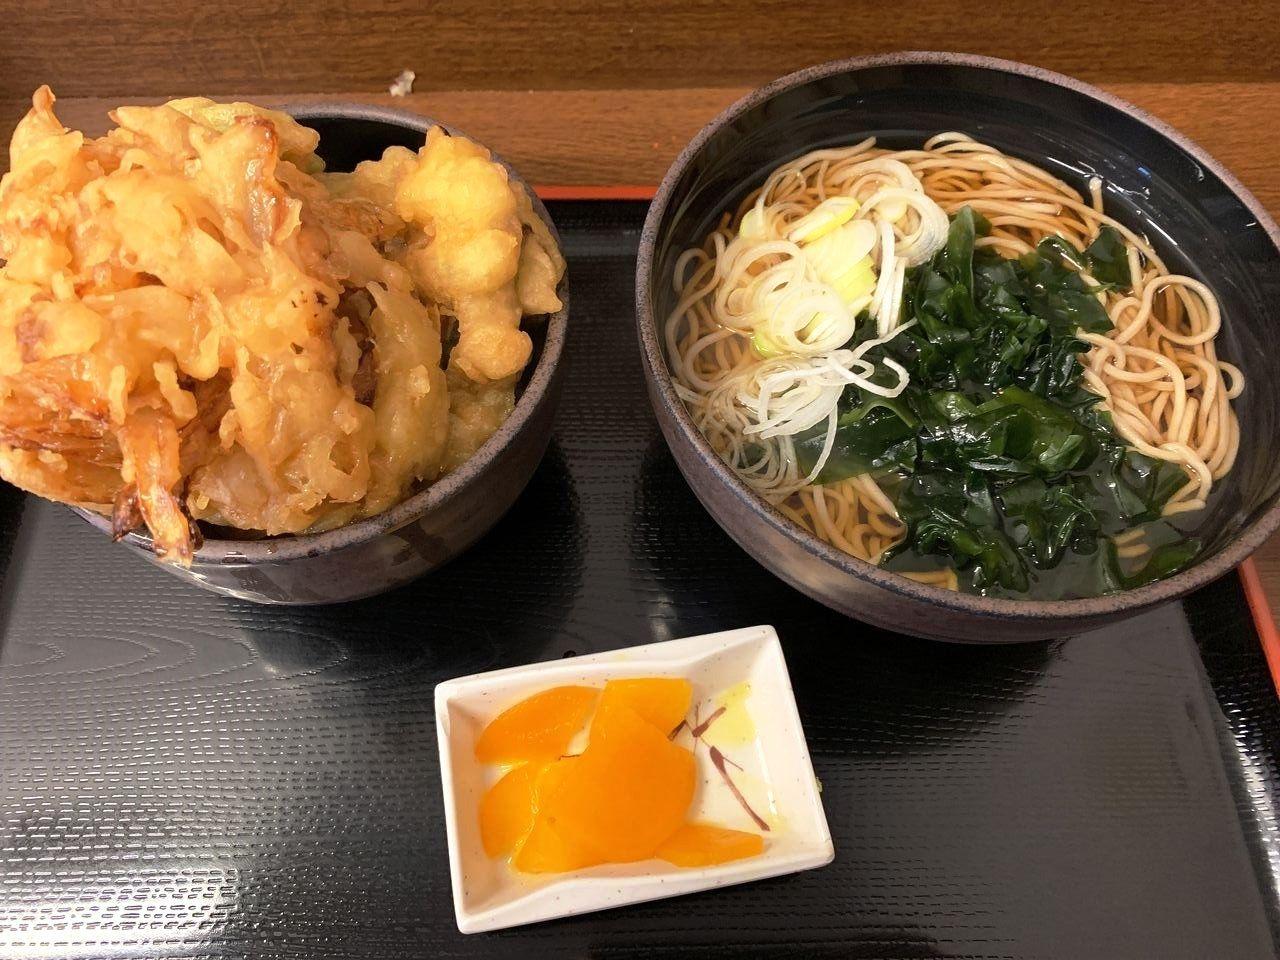 【流山市食べ歩きブログ】南流山駅前の立ち食いそば屋「味の里(みのり)」で驚愕!